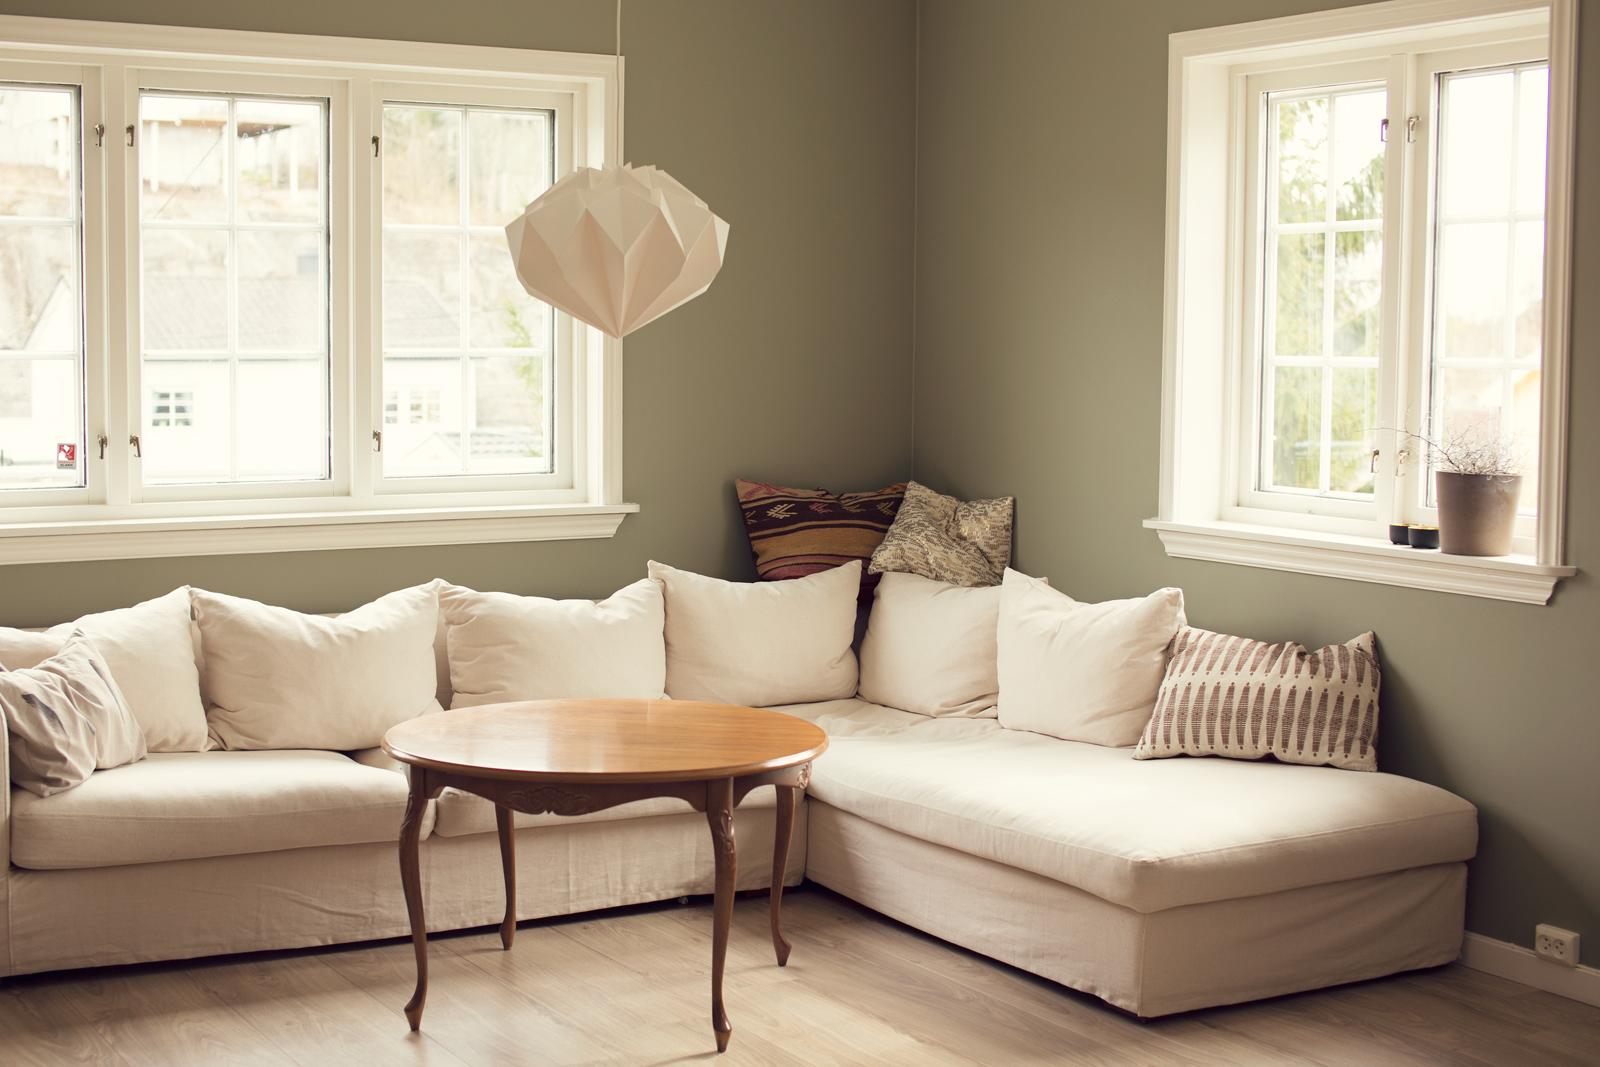 Stue Design: Tidlxse reoler for et moderne liv. Stue es studio design ...